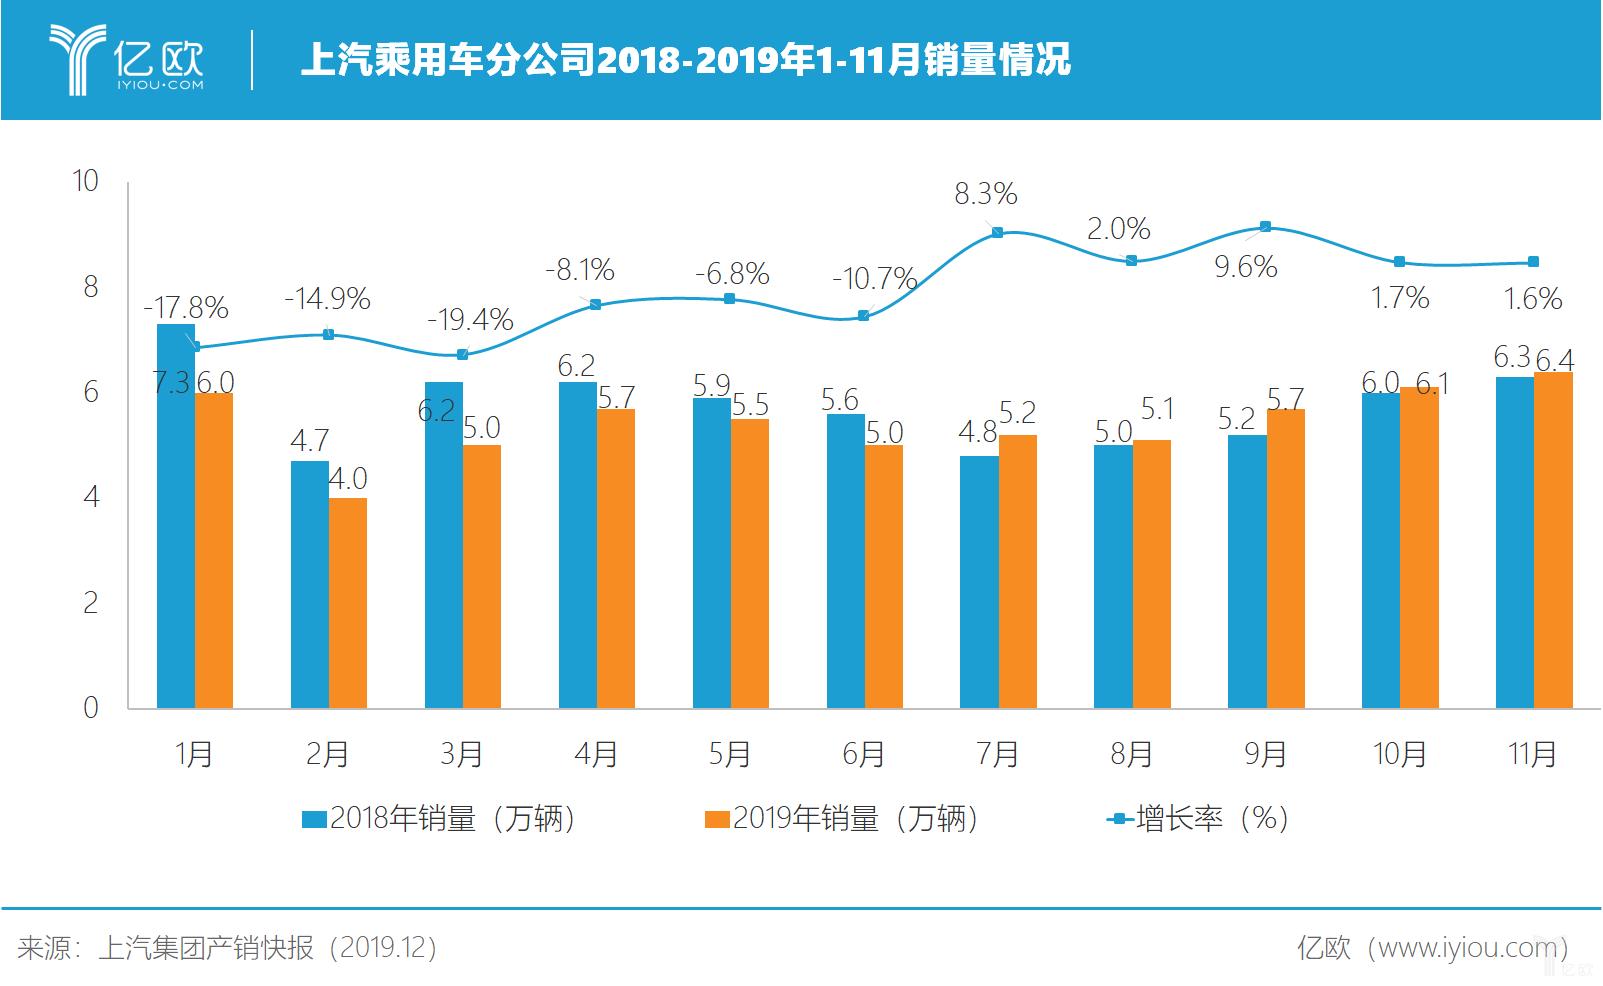 上汽乘用车分公司2018-2019年1-11月销量情况